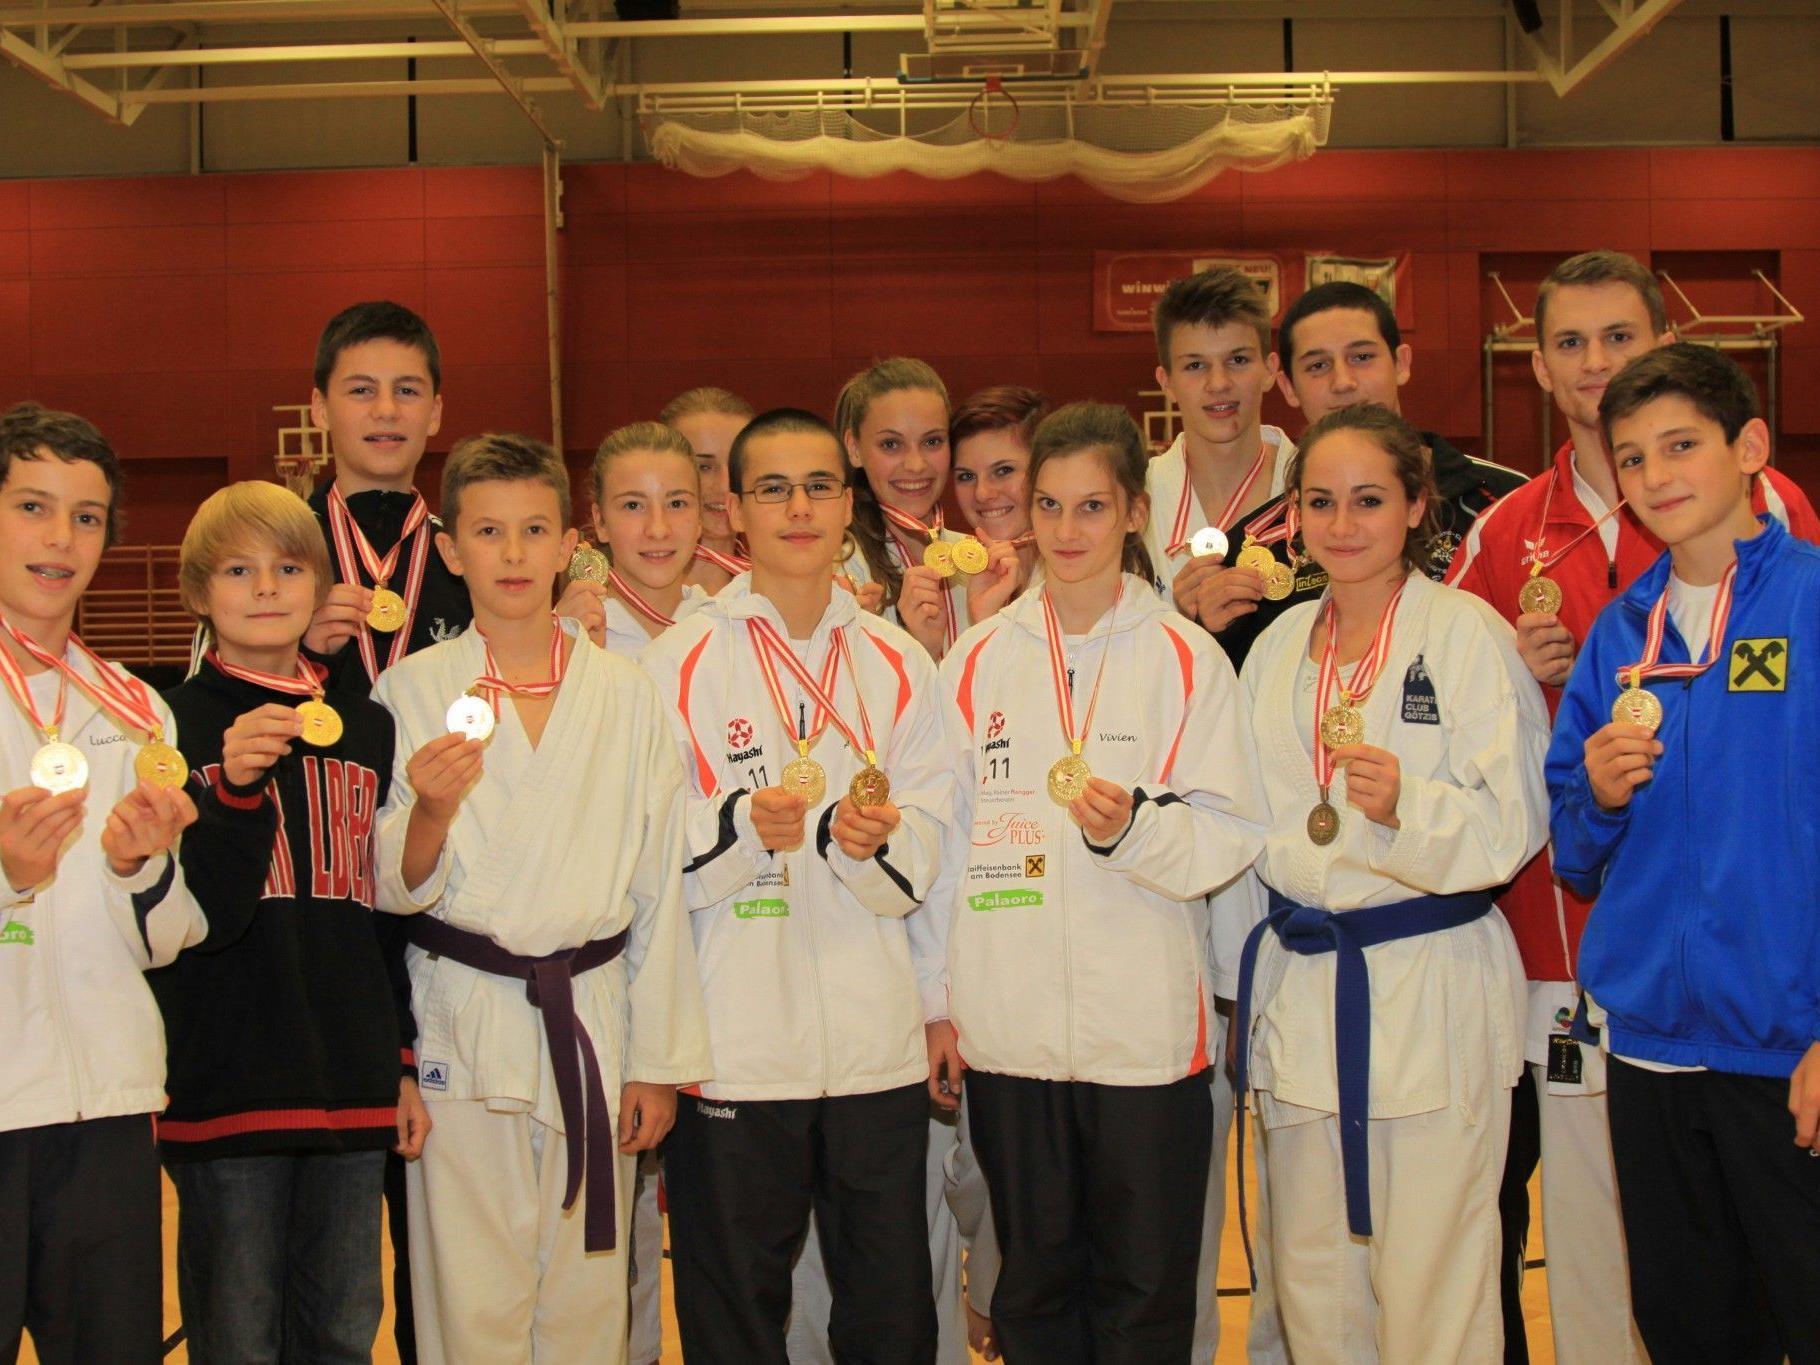 Alle Goldmedaillengewinner bei den Karate-Nachwuchstitelkämpfen in OÖ.